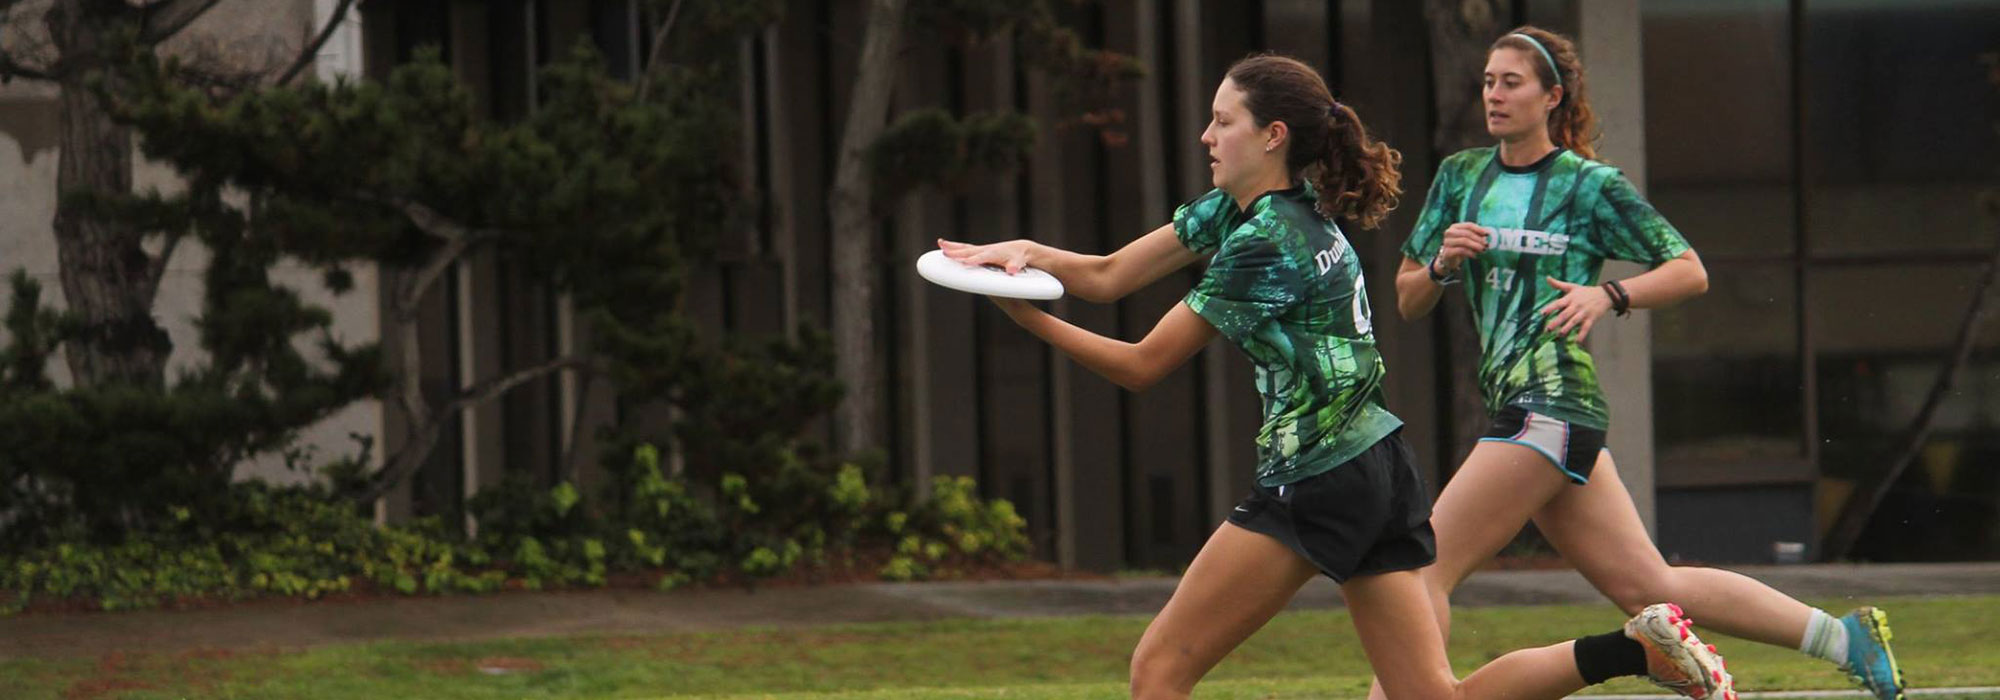 Women's Ultimate Frisbee Club